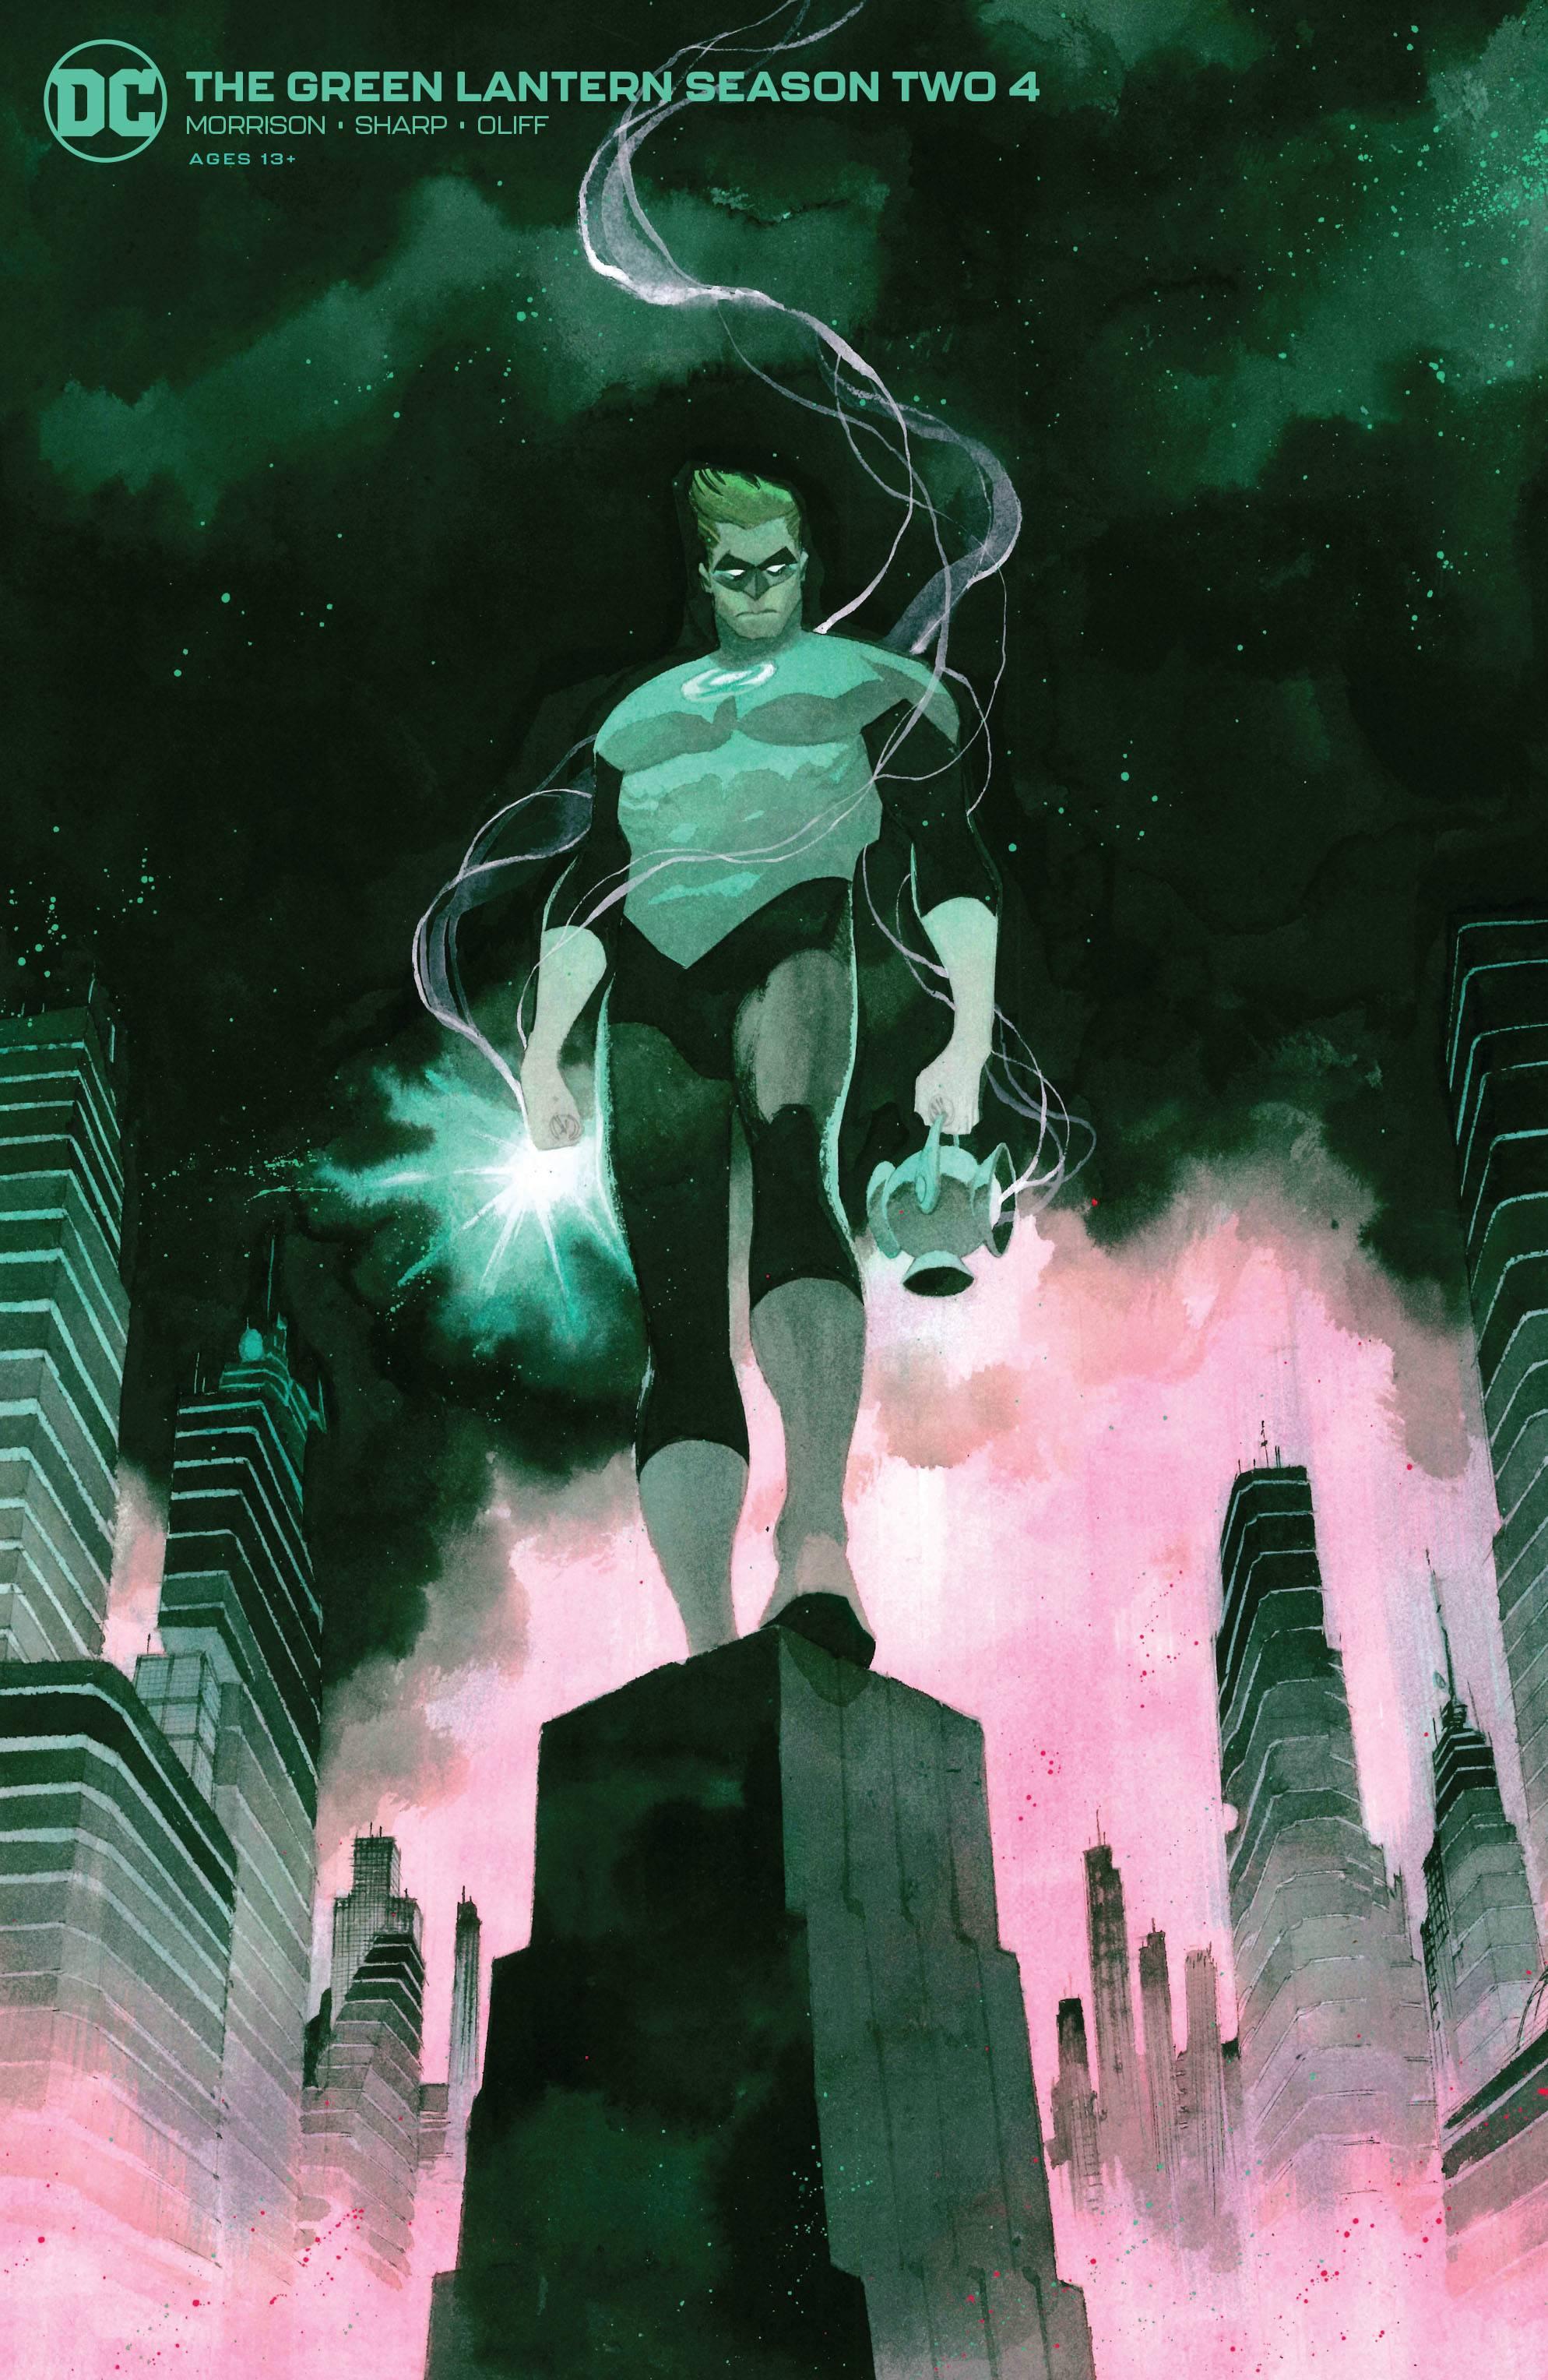 Green Lantern Season Two #4